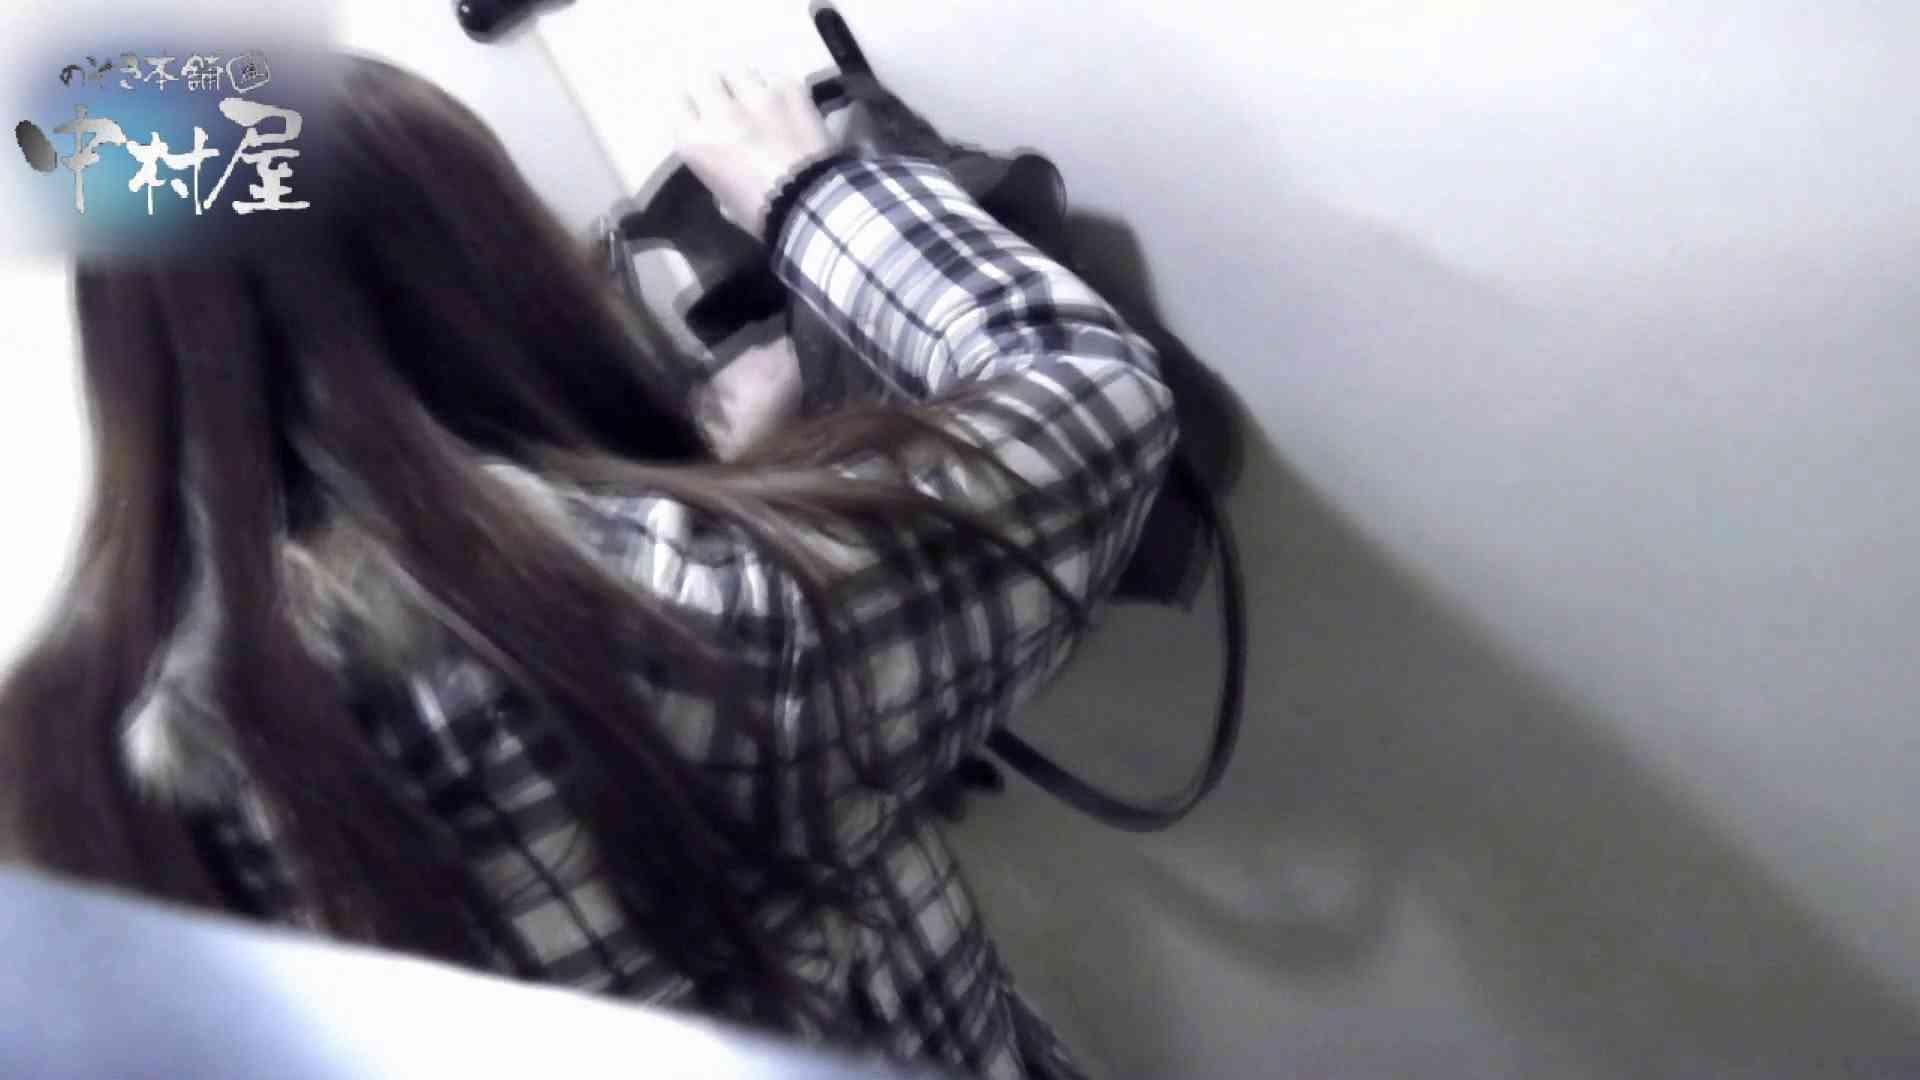 乙女集まる!ショッピングモール潜入撮vol.08 和式 覗き性交動画流出 55画像 41